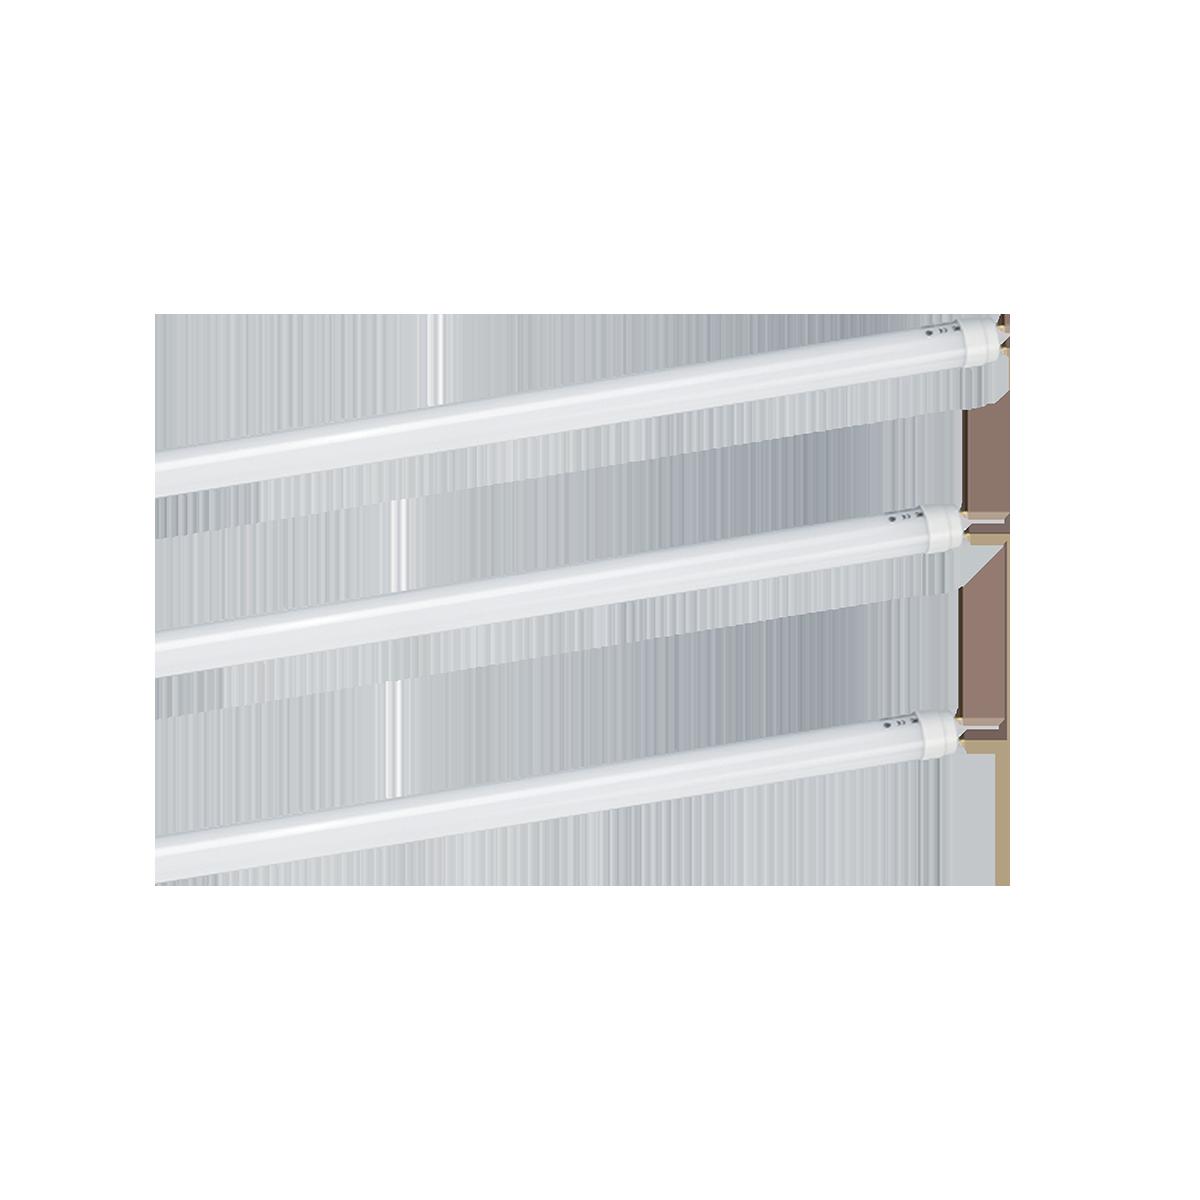 LED tube- LT-G13-150-4K • ElkoEP